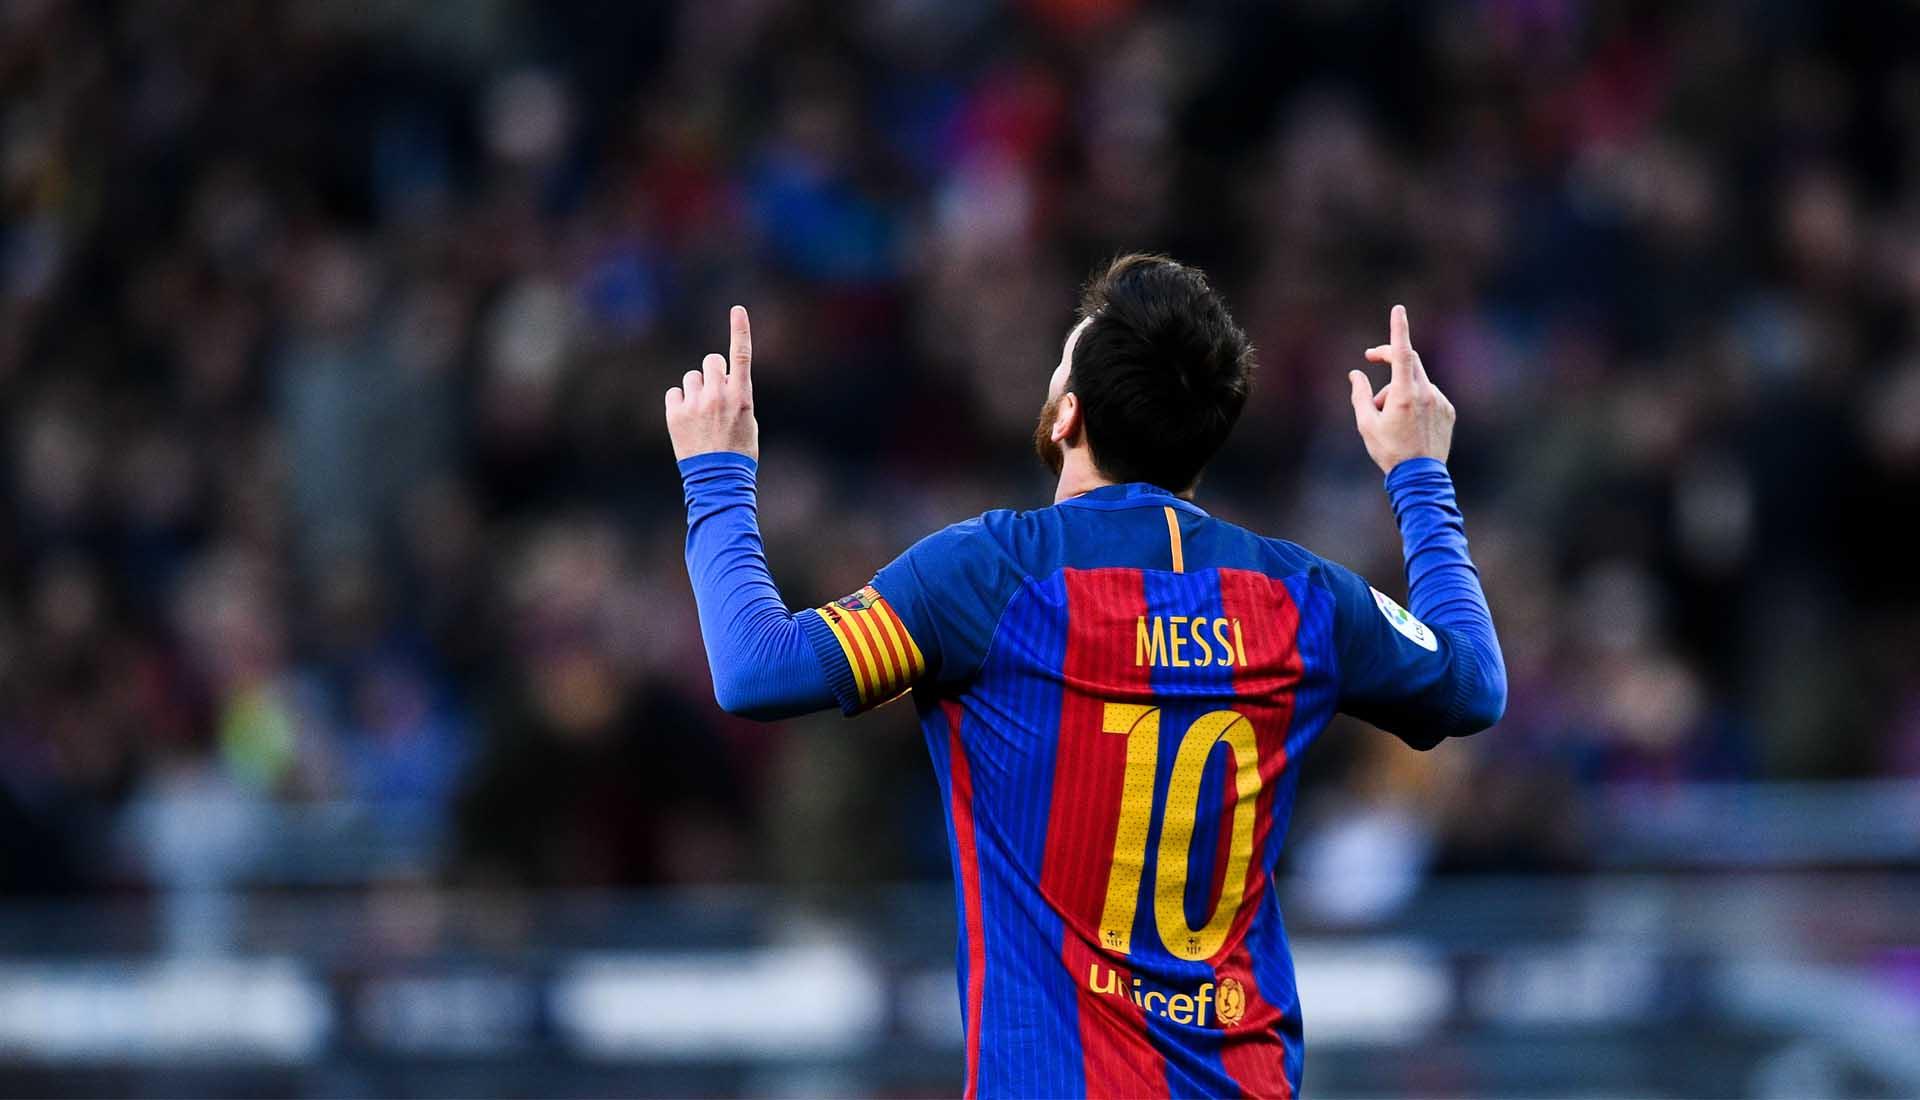 Messi sử dụng rất nhiều mẫu giày đá bóng để thi đấu chuyên nghiệp